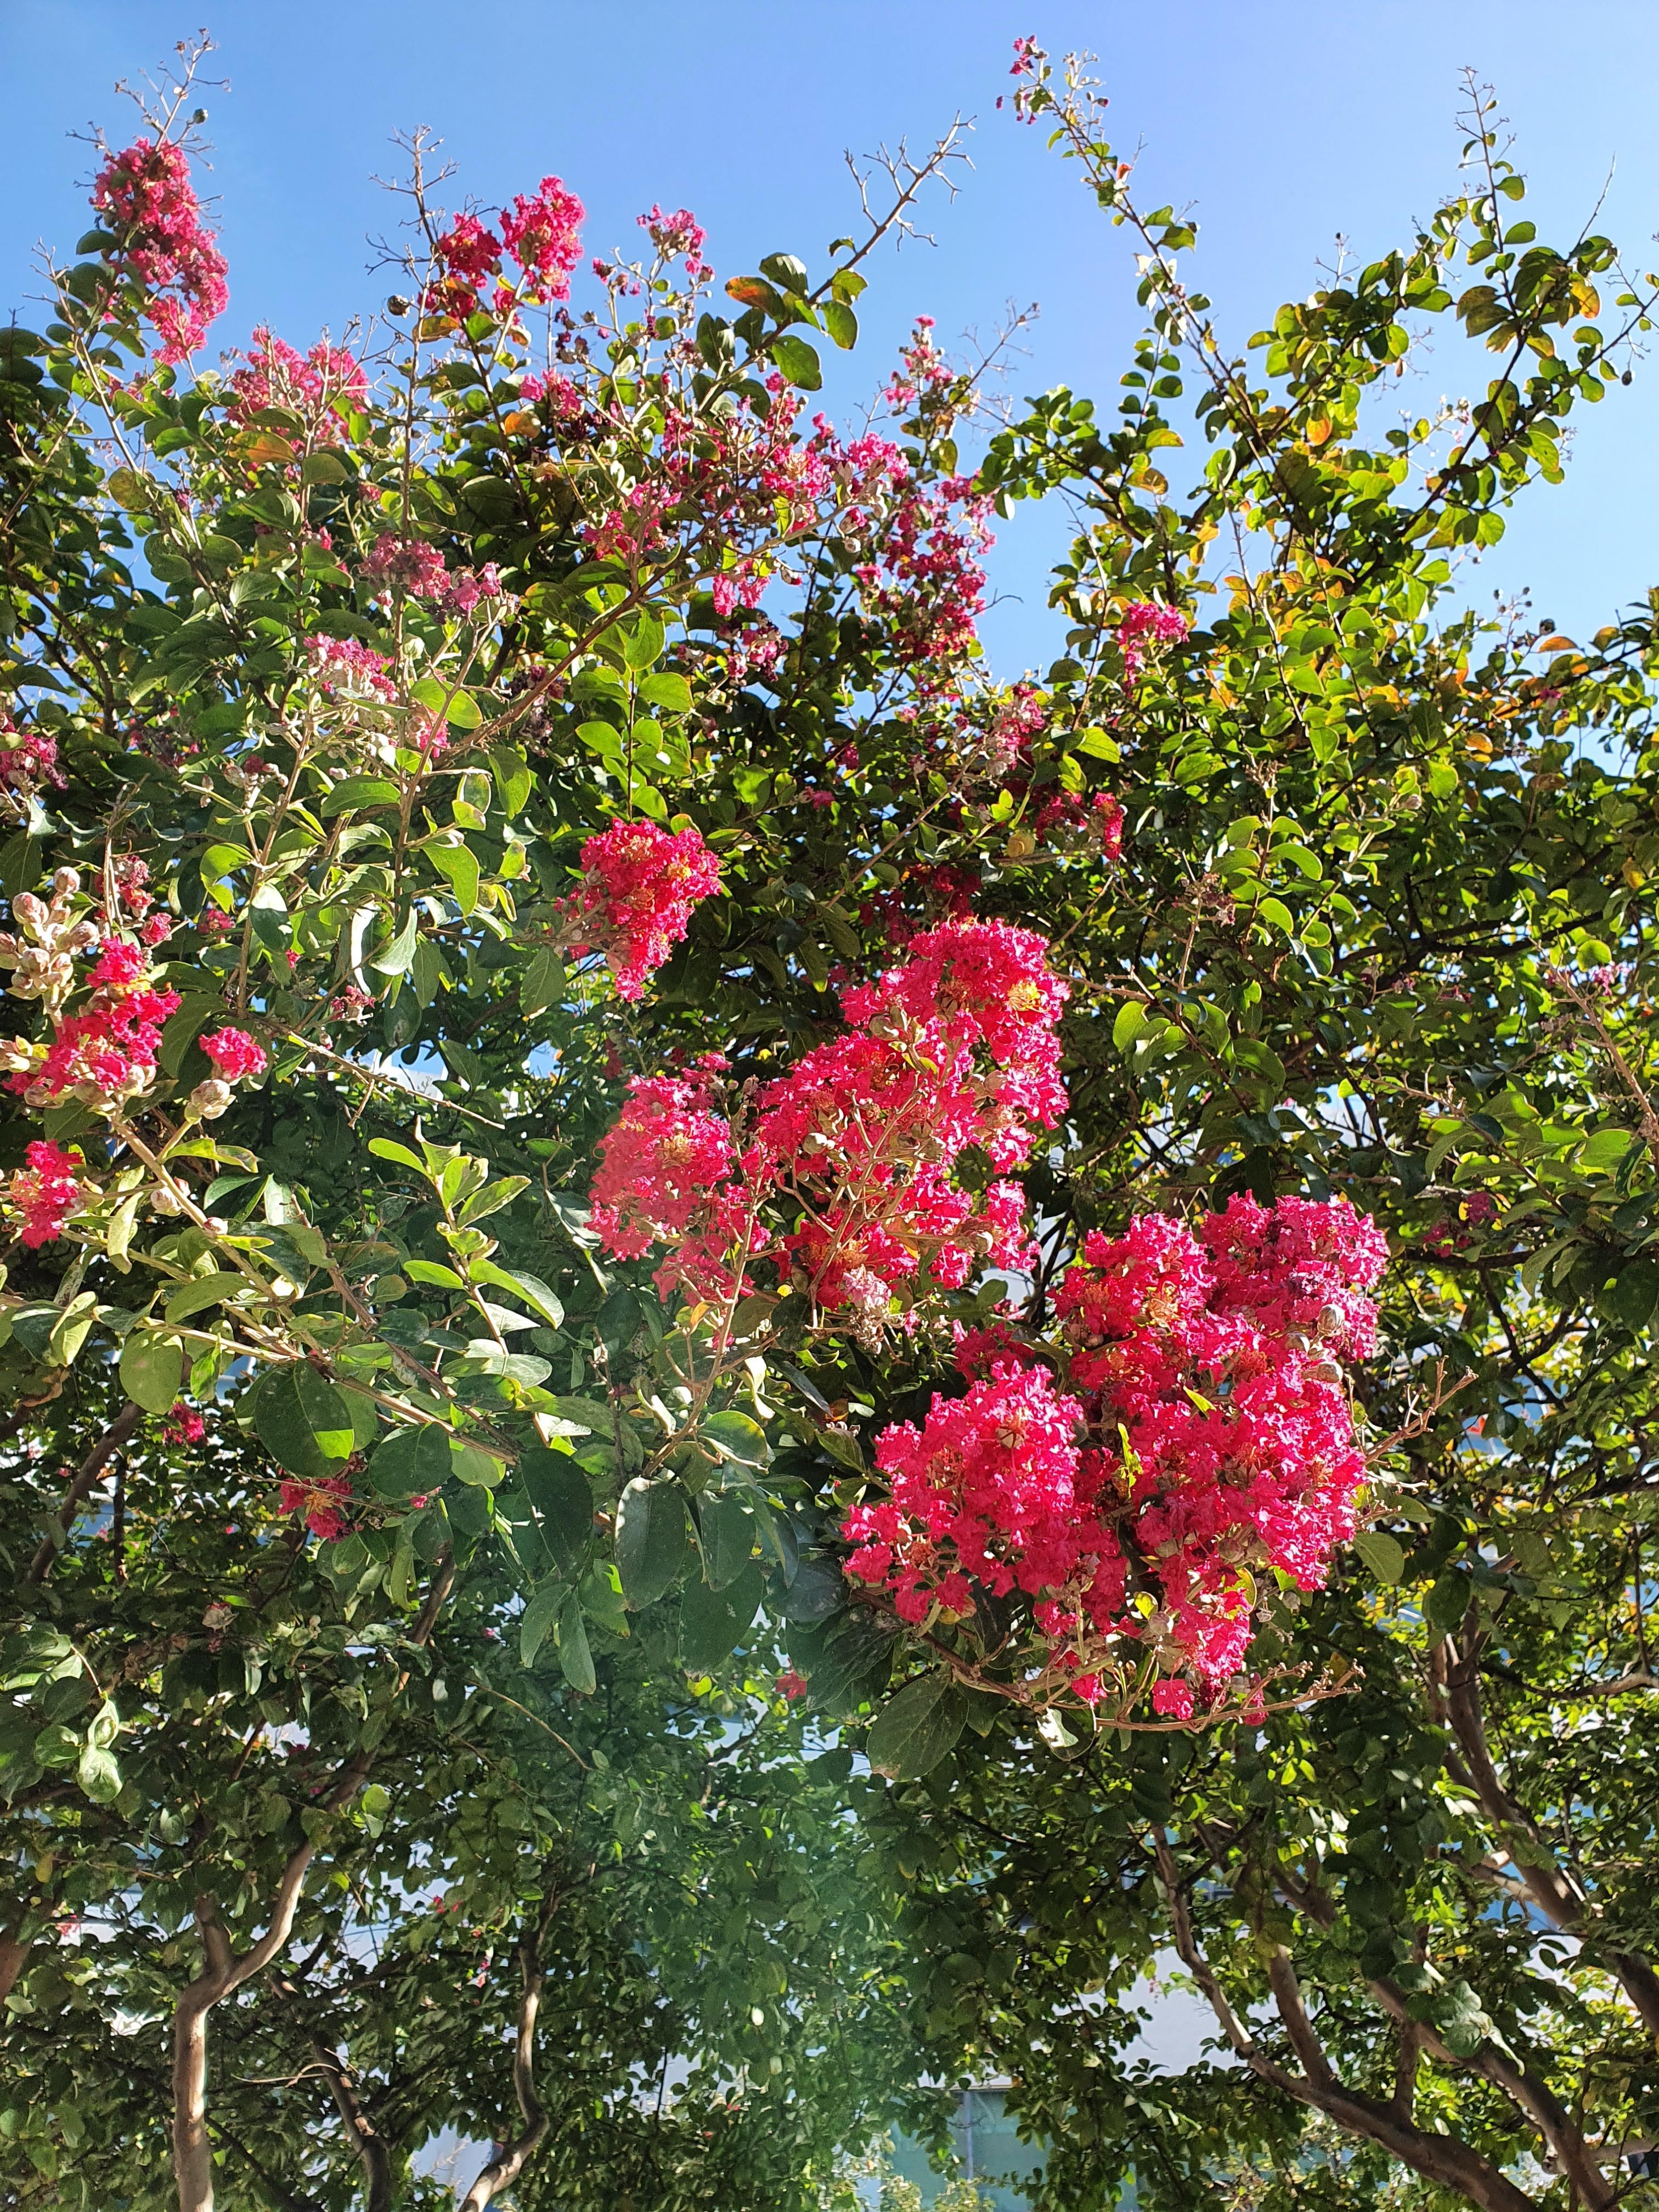 배롱나무 꽃.. 사라지기전에 반짝반짝 빛나는